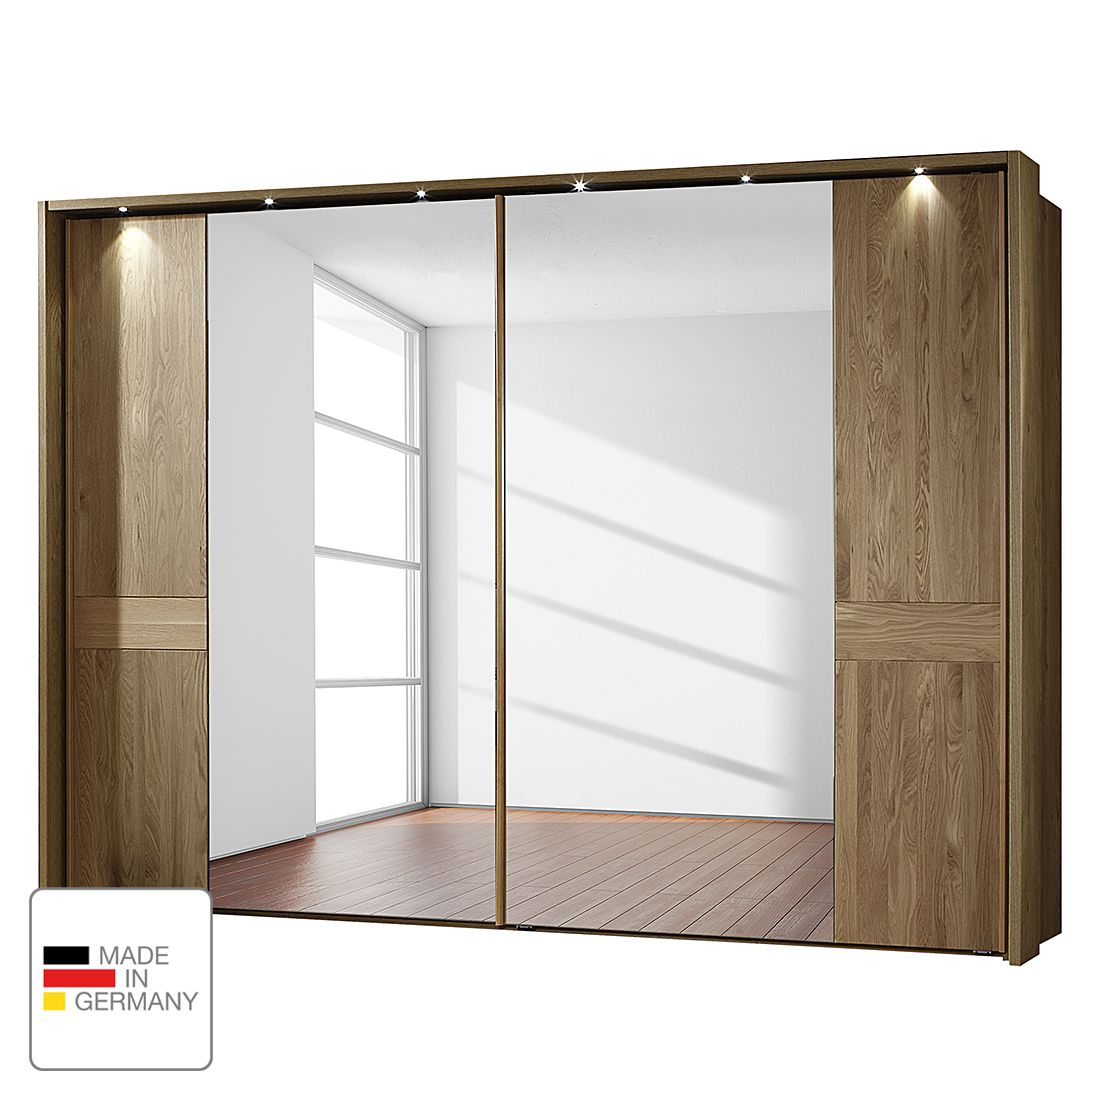 EEK A+, Armoire à portes coulissantes Münster - Chêne partiellement massif - 300 cm (2 portes) - Ave